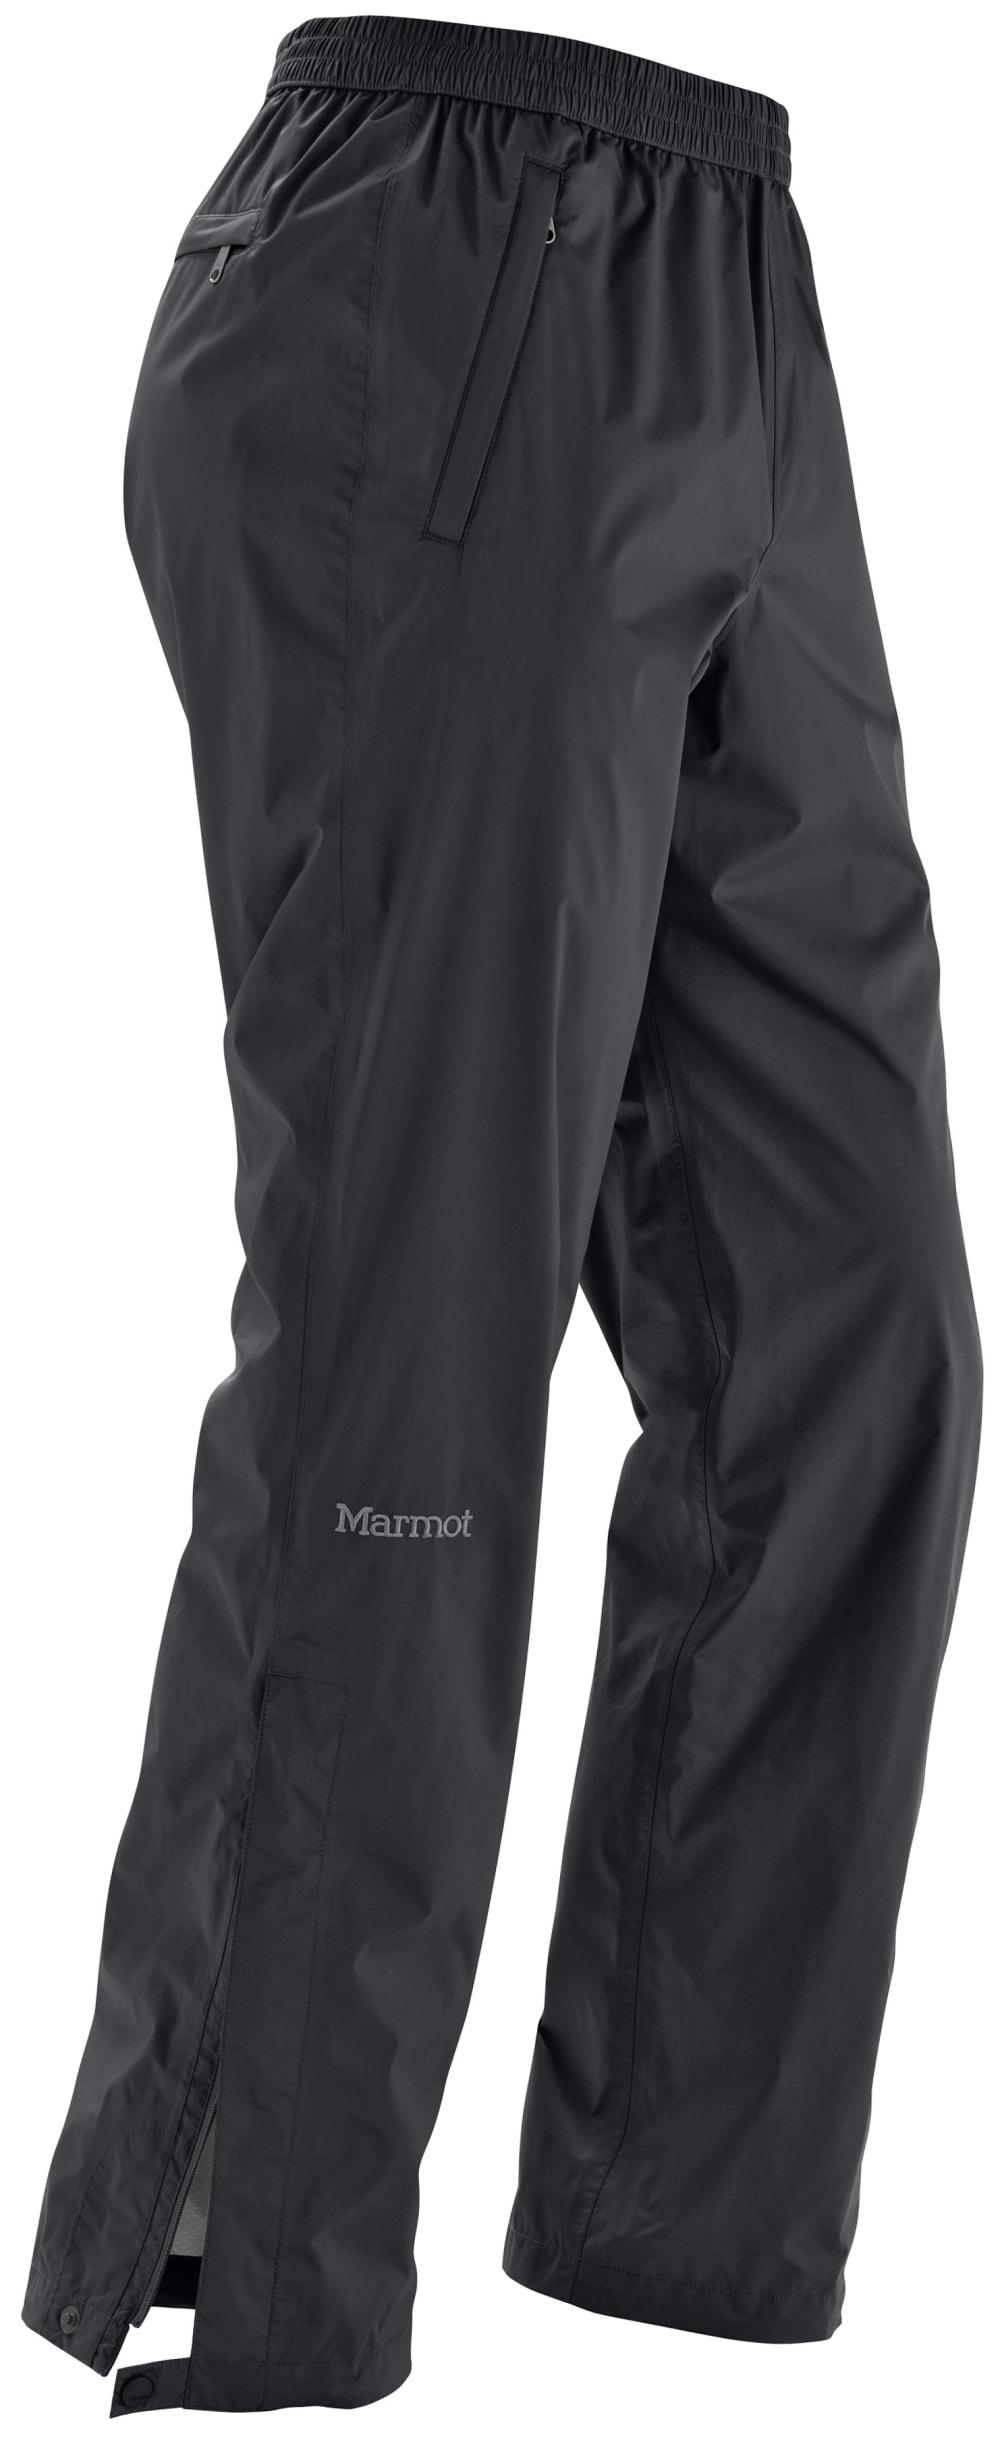 MARMOT Men's PreCip Pants XL